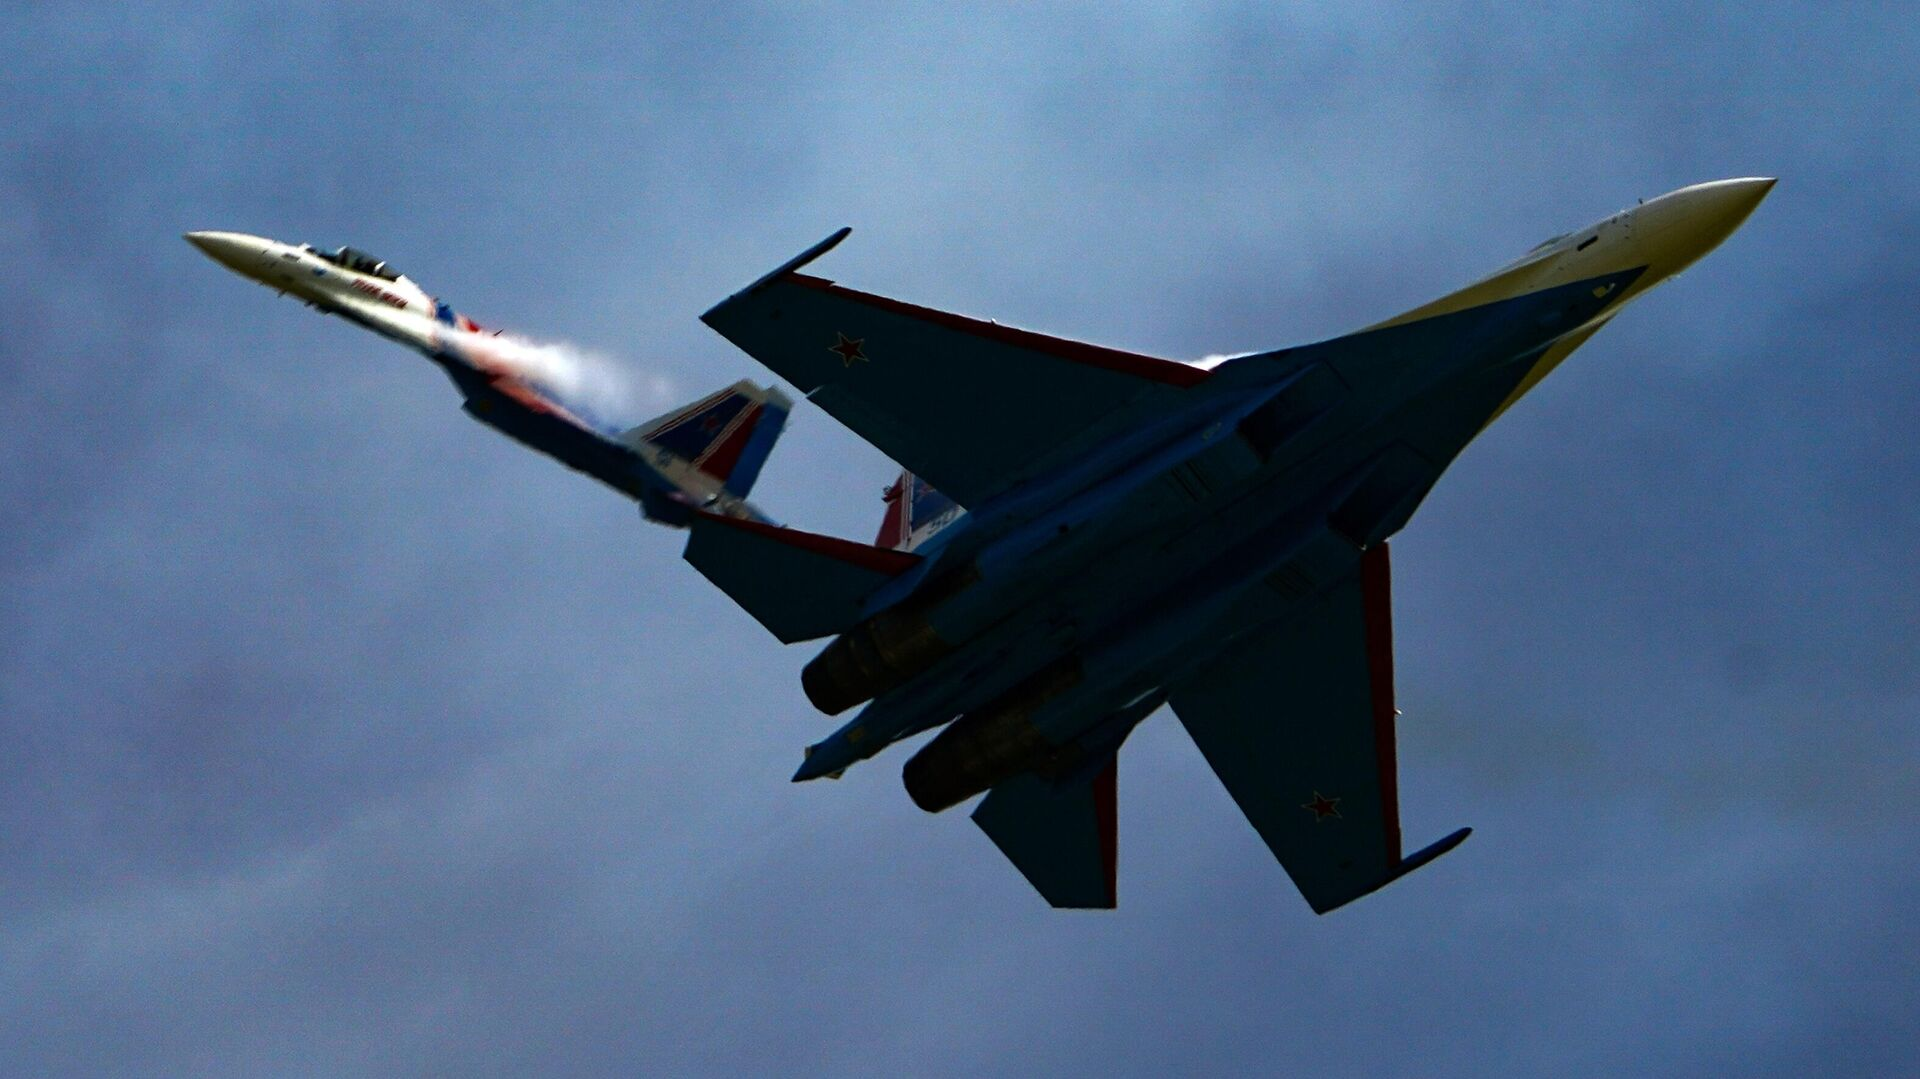 Истребители Су-35С пилотажной группы Русские витязи выполняют демонстрационный полет в рамках Международного форума Армия-2020 на аэродроме Кубинка в Подмосковье - РИА Новости, 1920, 09.02.2021